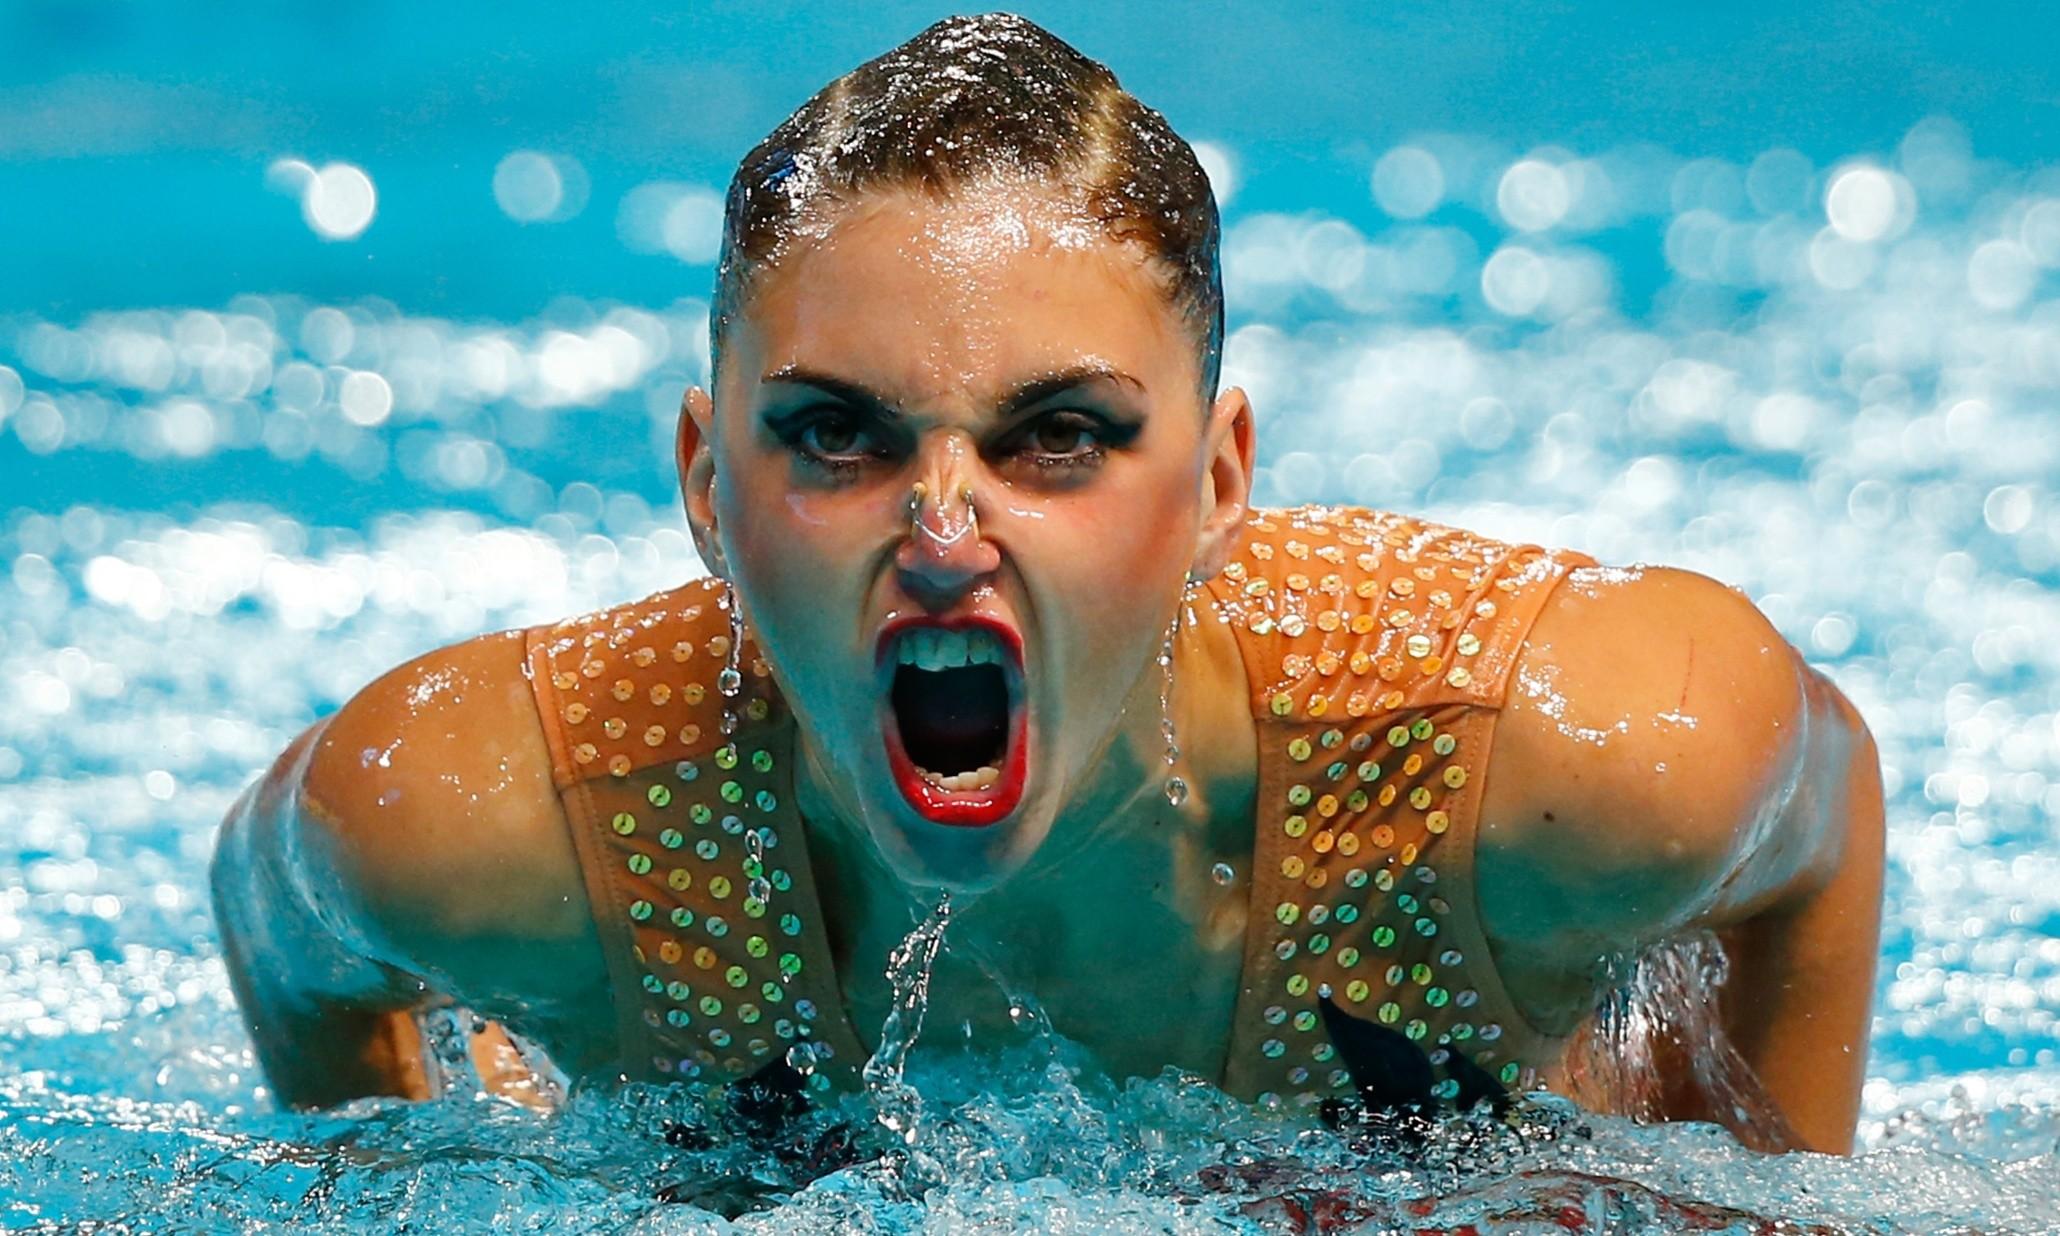 хочет спортсменки веселые картинки один квадратный кусочек